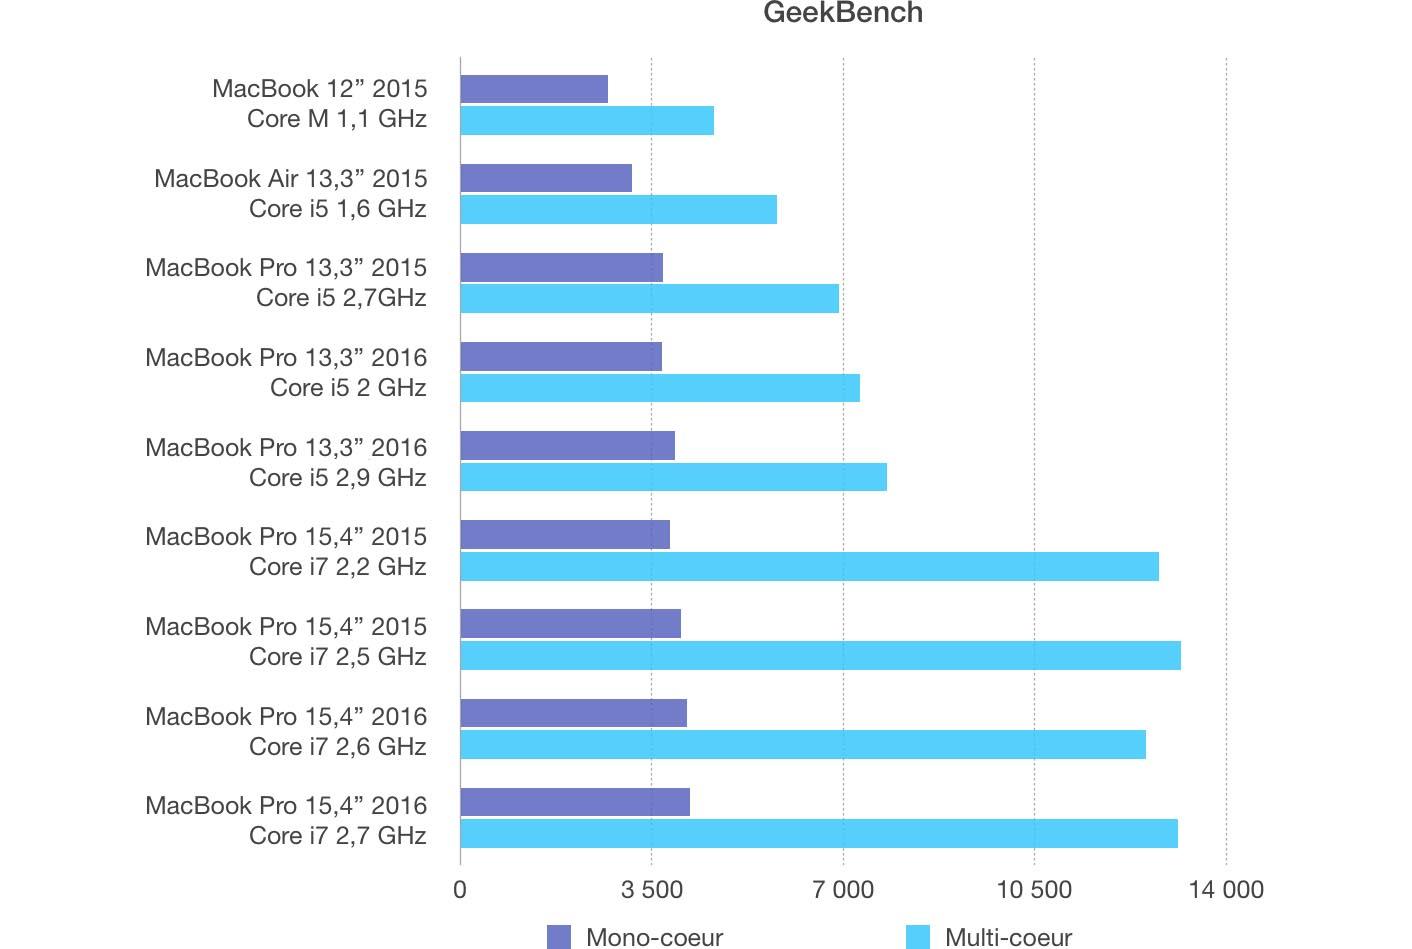 MacBook Pro 2016 GeekBench